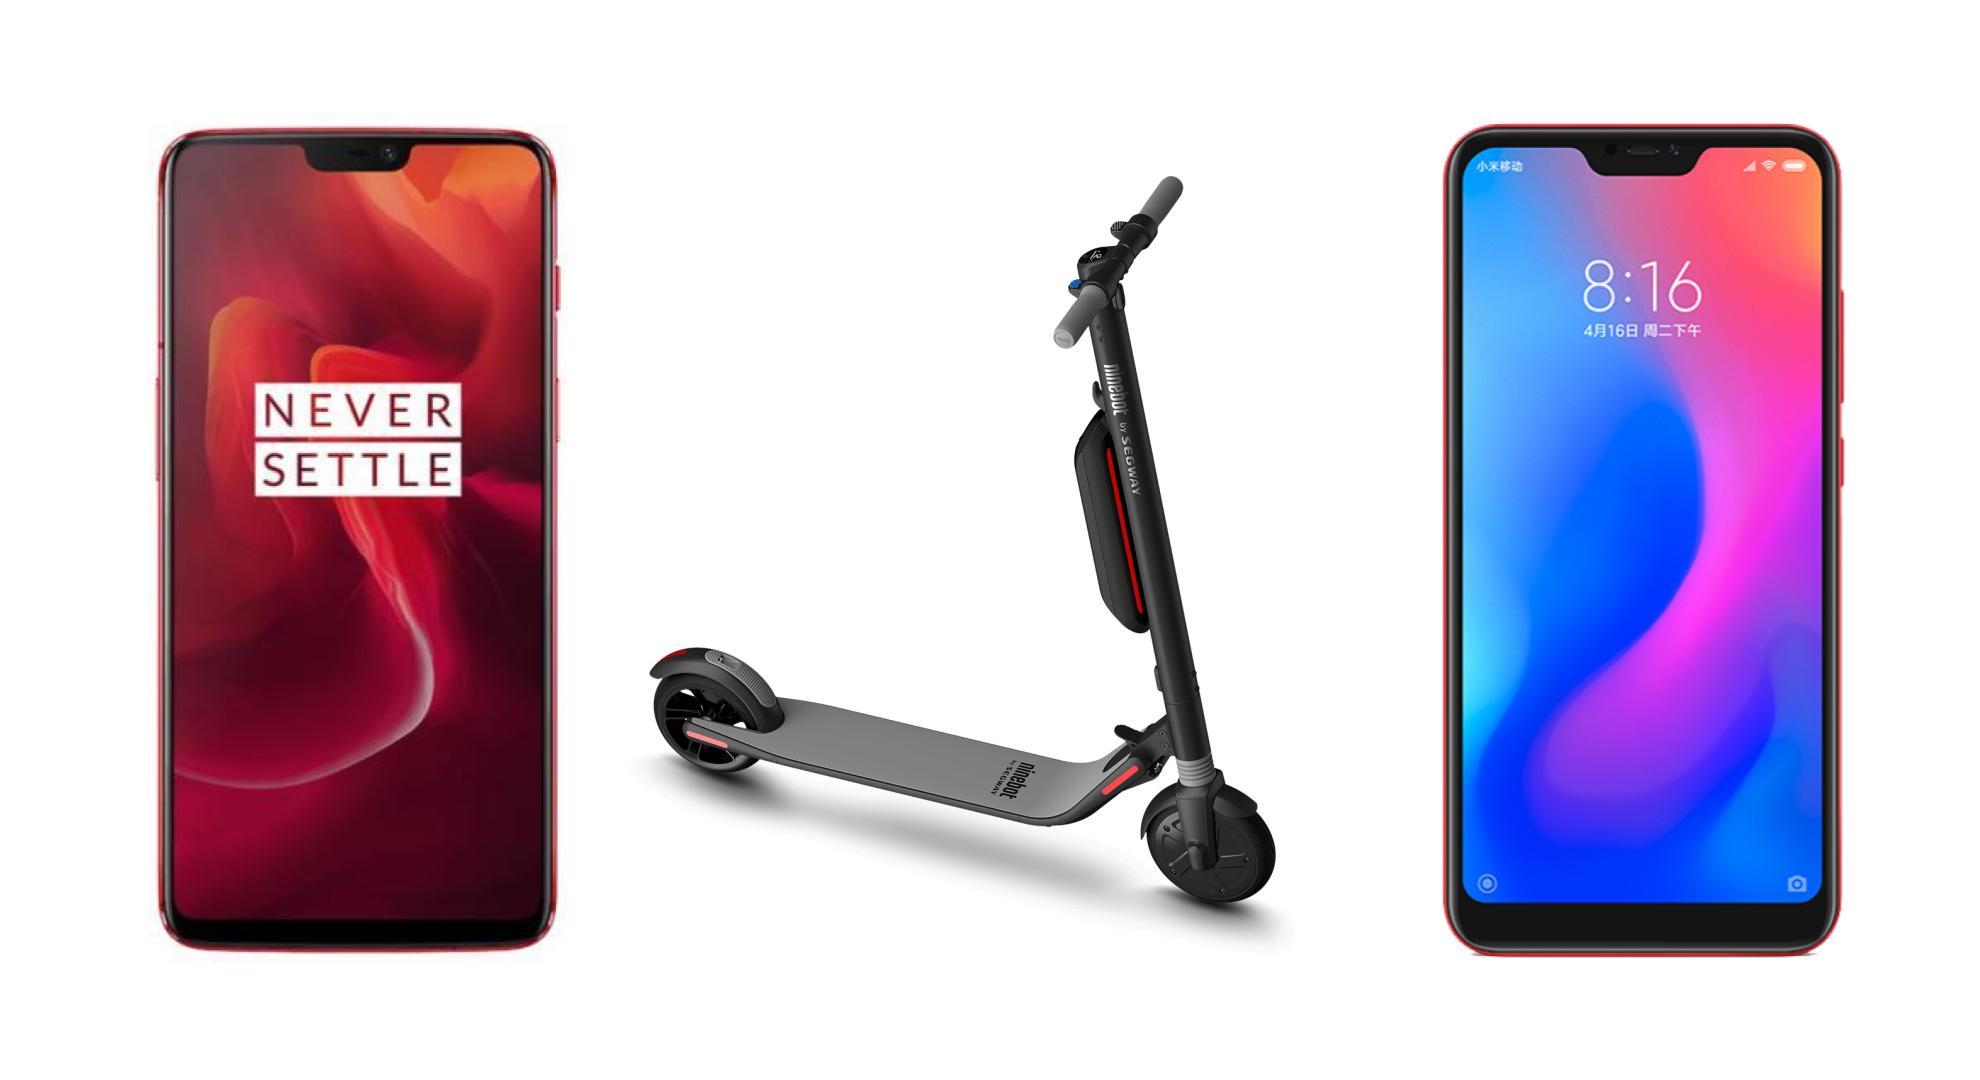 Xiaomi Redmi Note 6 Pro à 153 euros, OnePlus 6 à 400 euros et Ninebot Segway ES2 à 320 euros sur GearBest